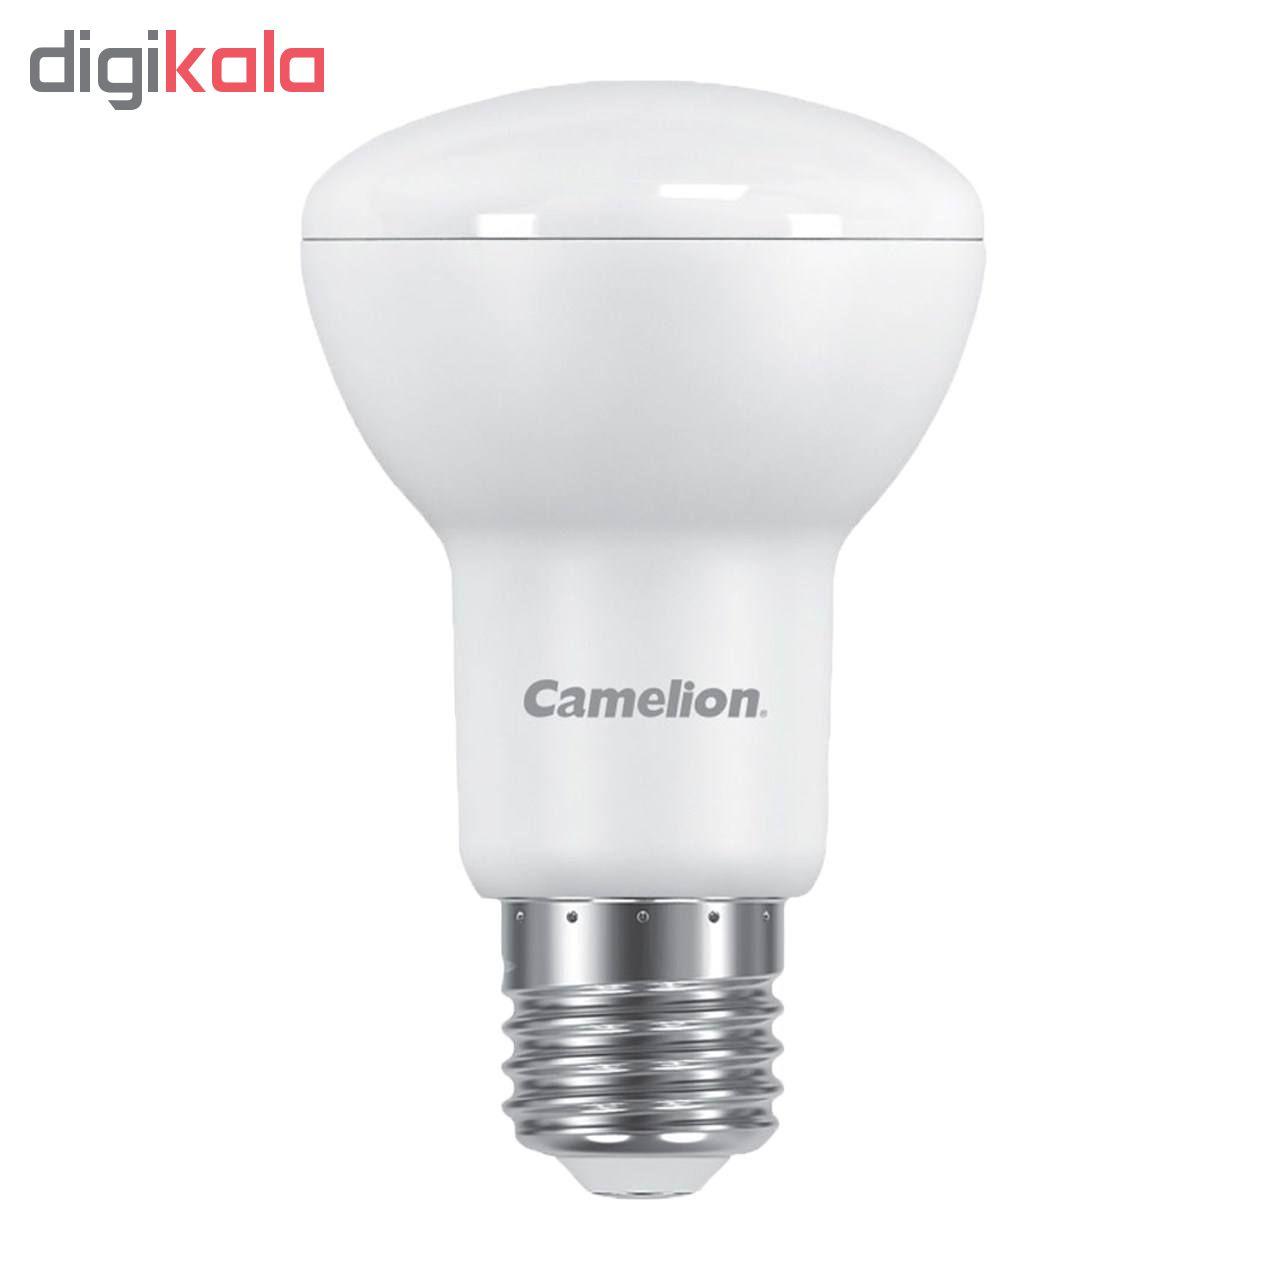 لامپ ال ای دی 8.5 وات کملیون مدل LED-R63/STQ1 پایه E27 main 1 2